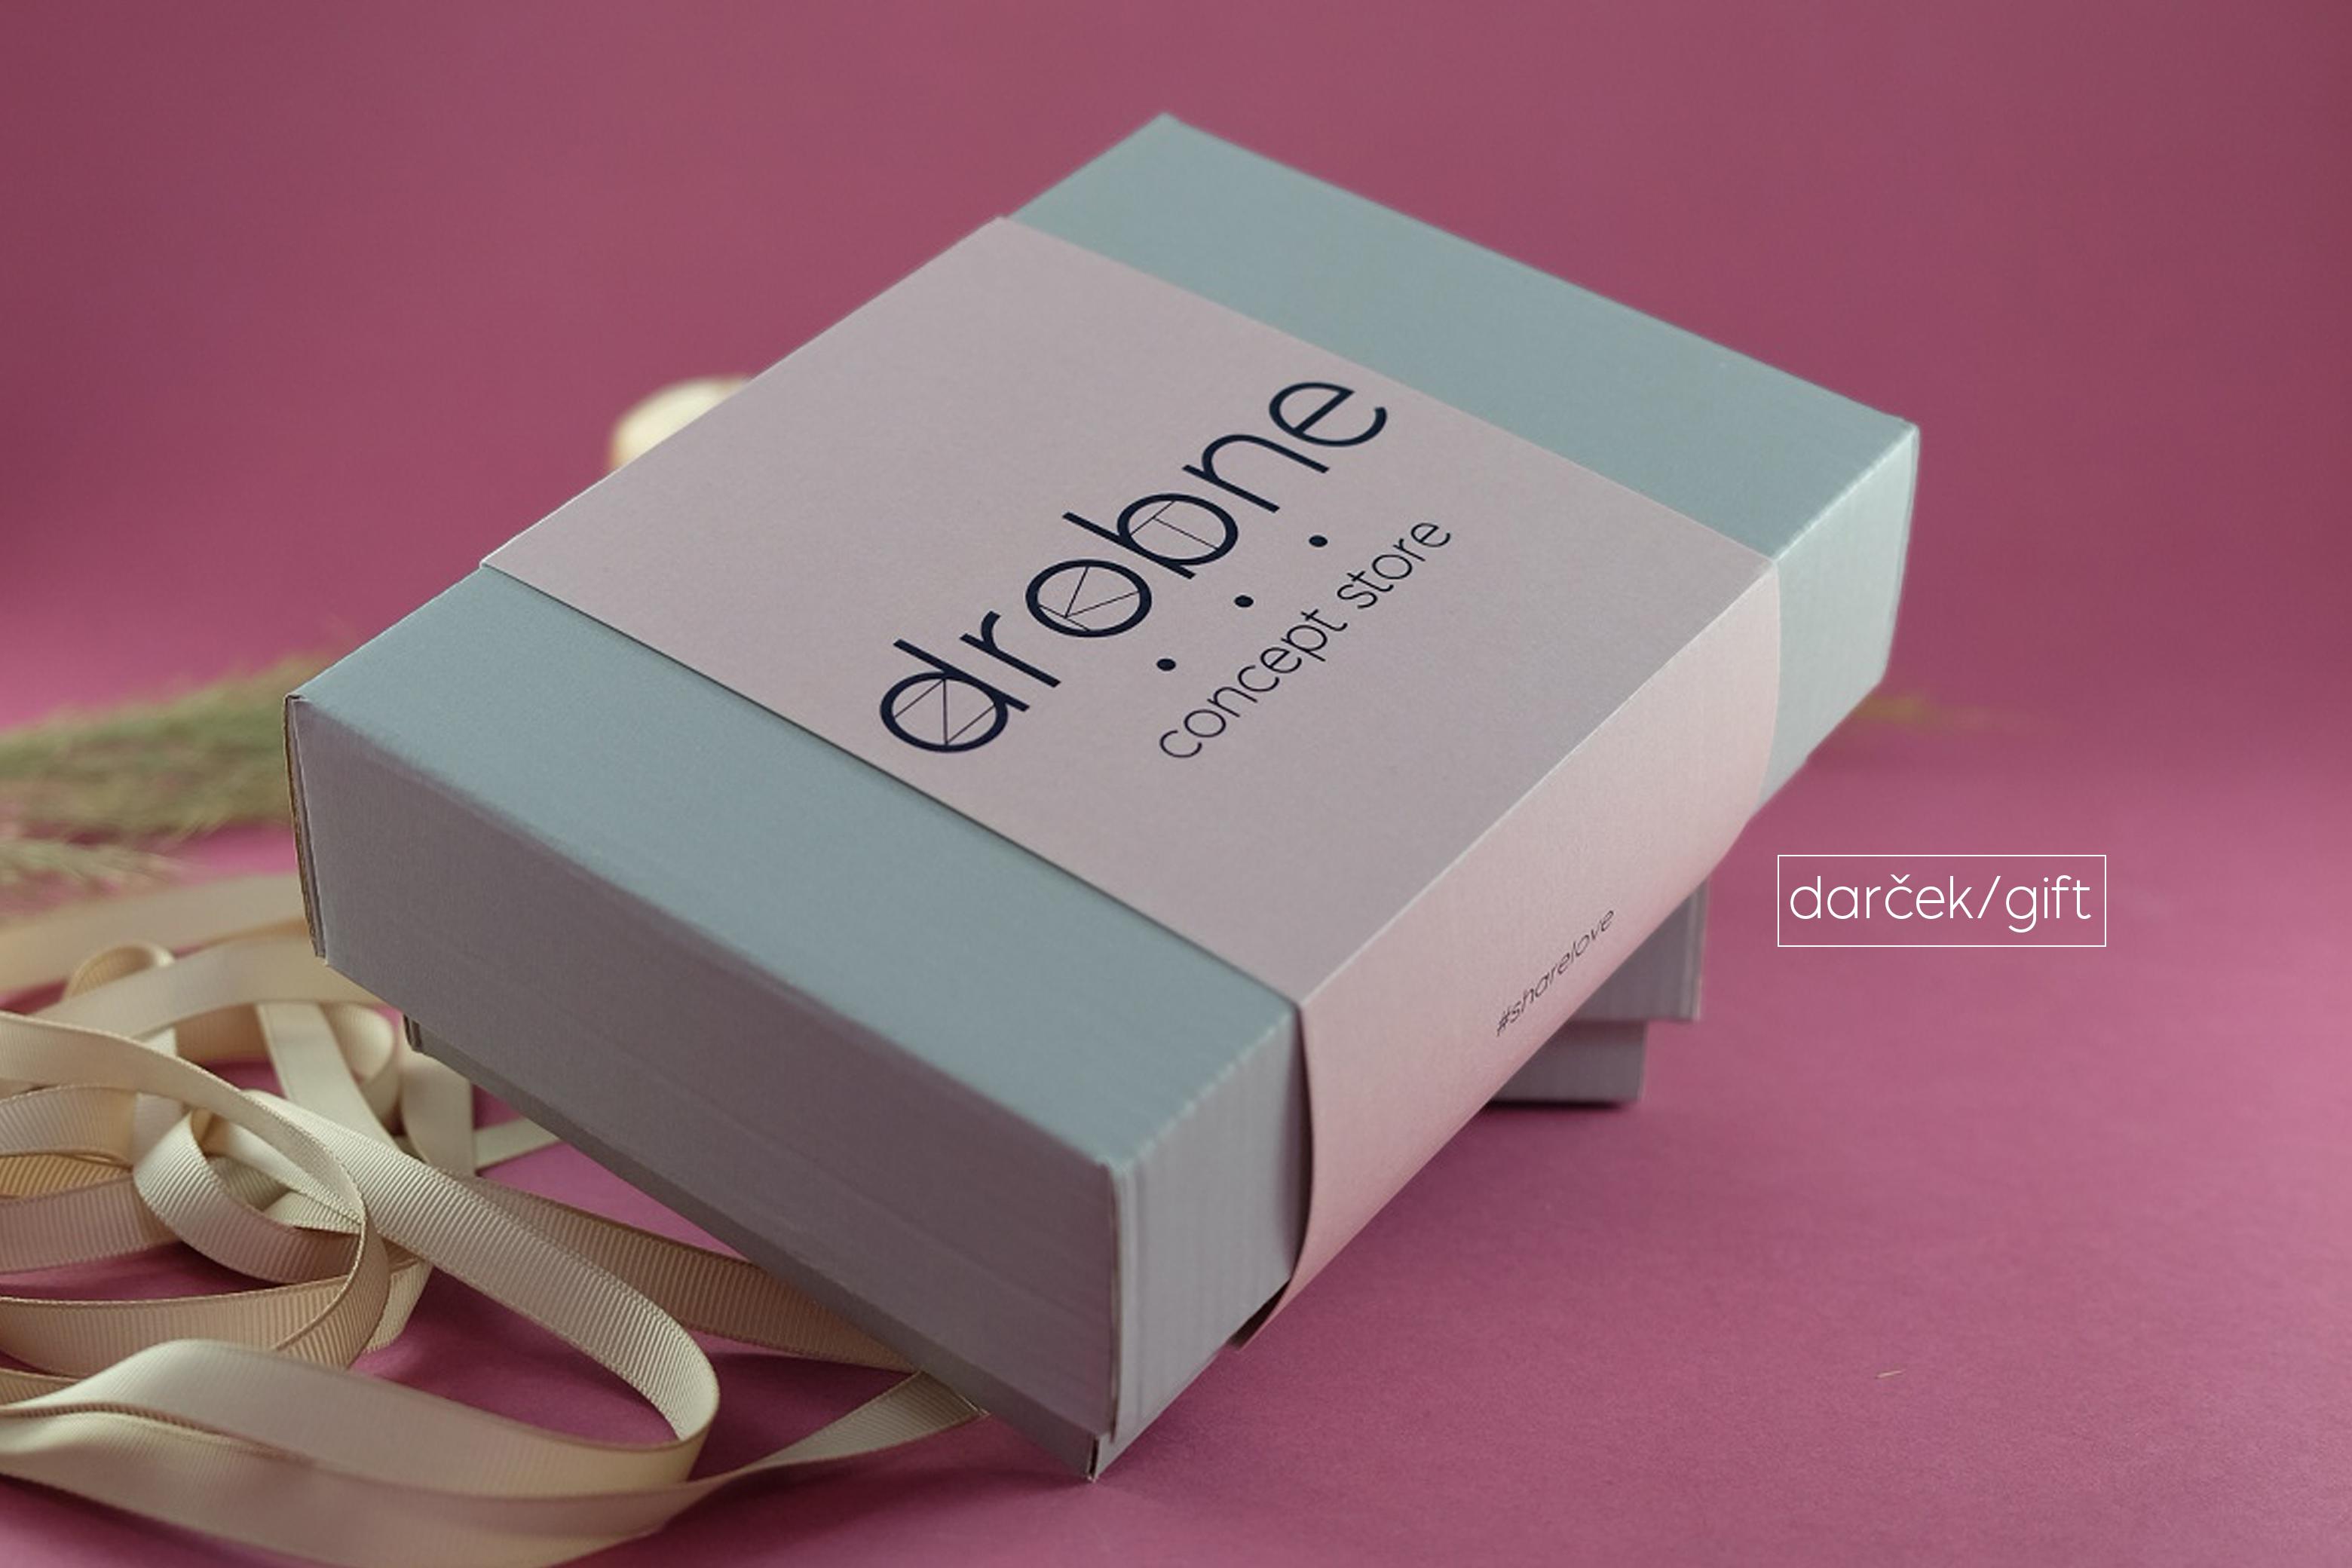 darček/gift